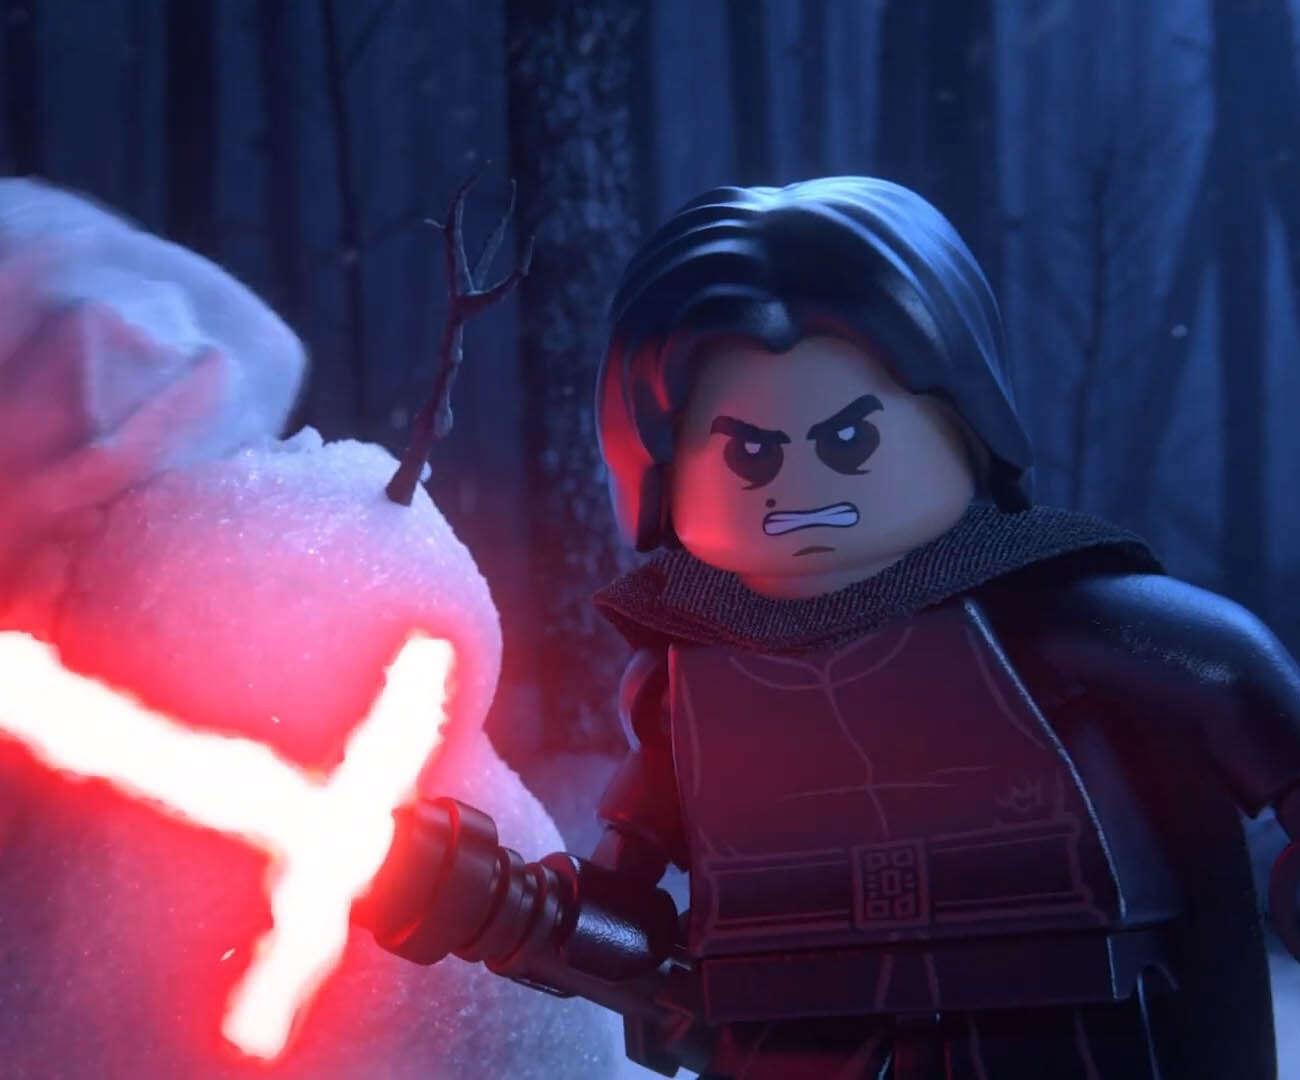 bohaterowie lego star wars